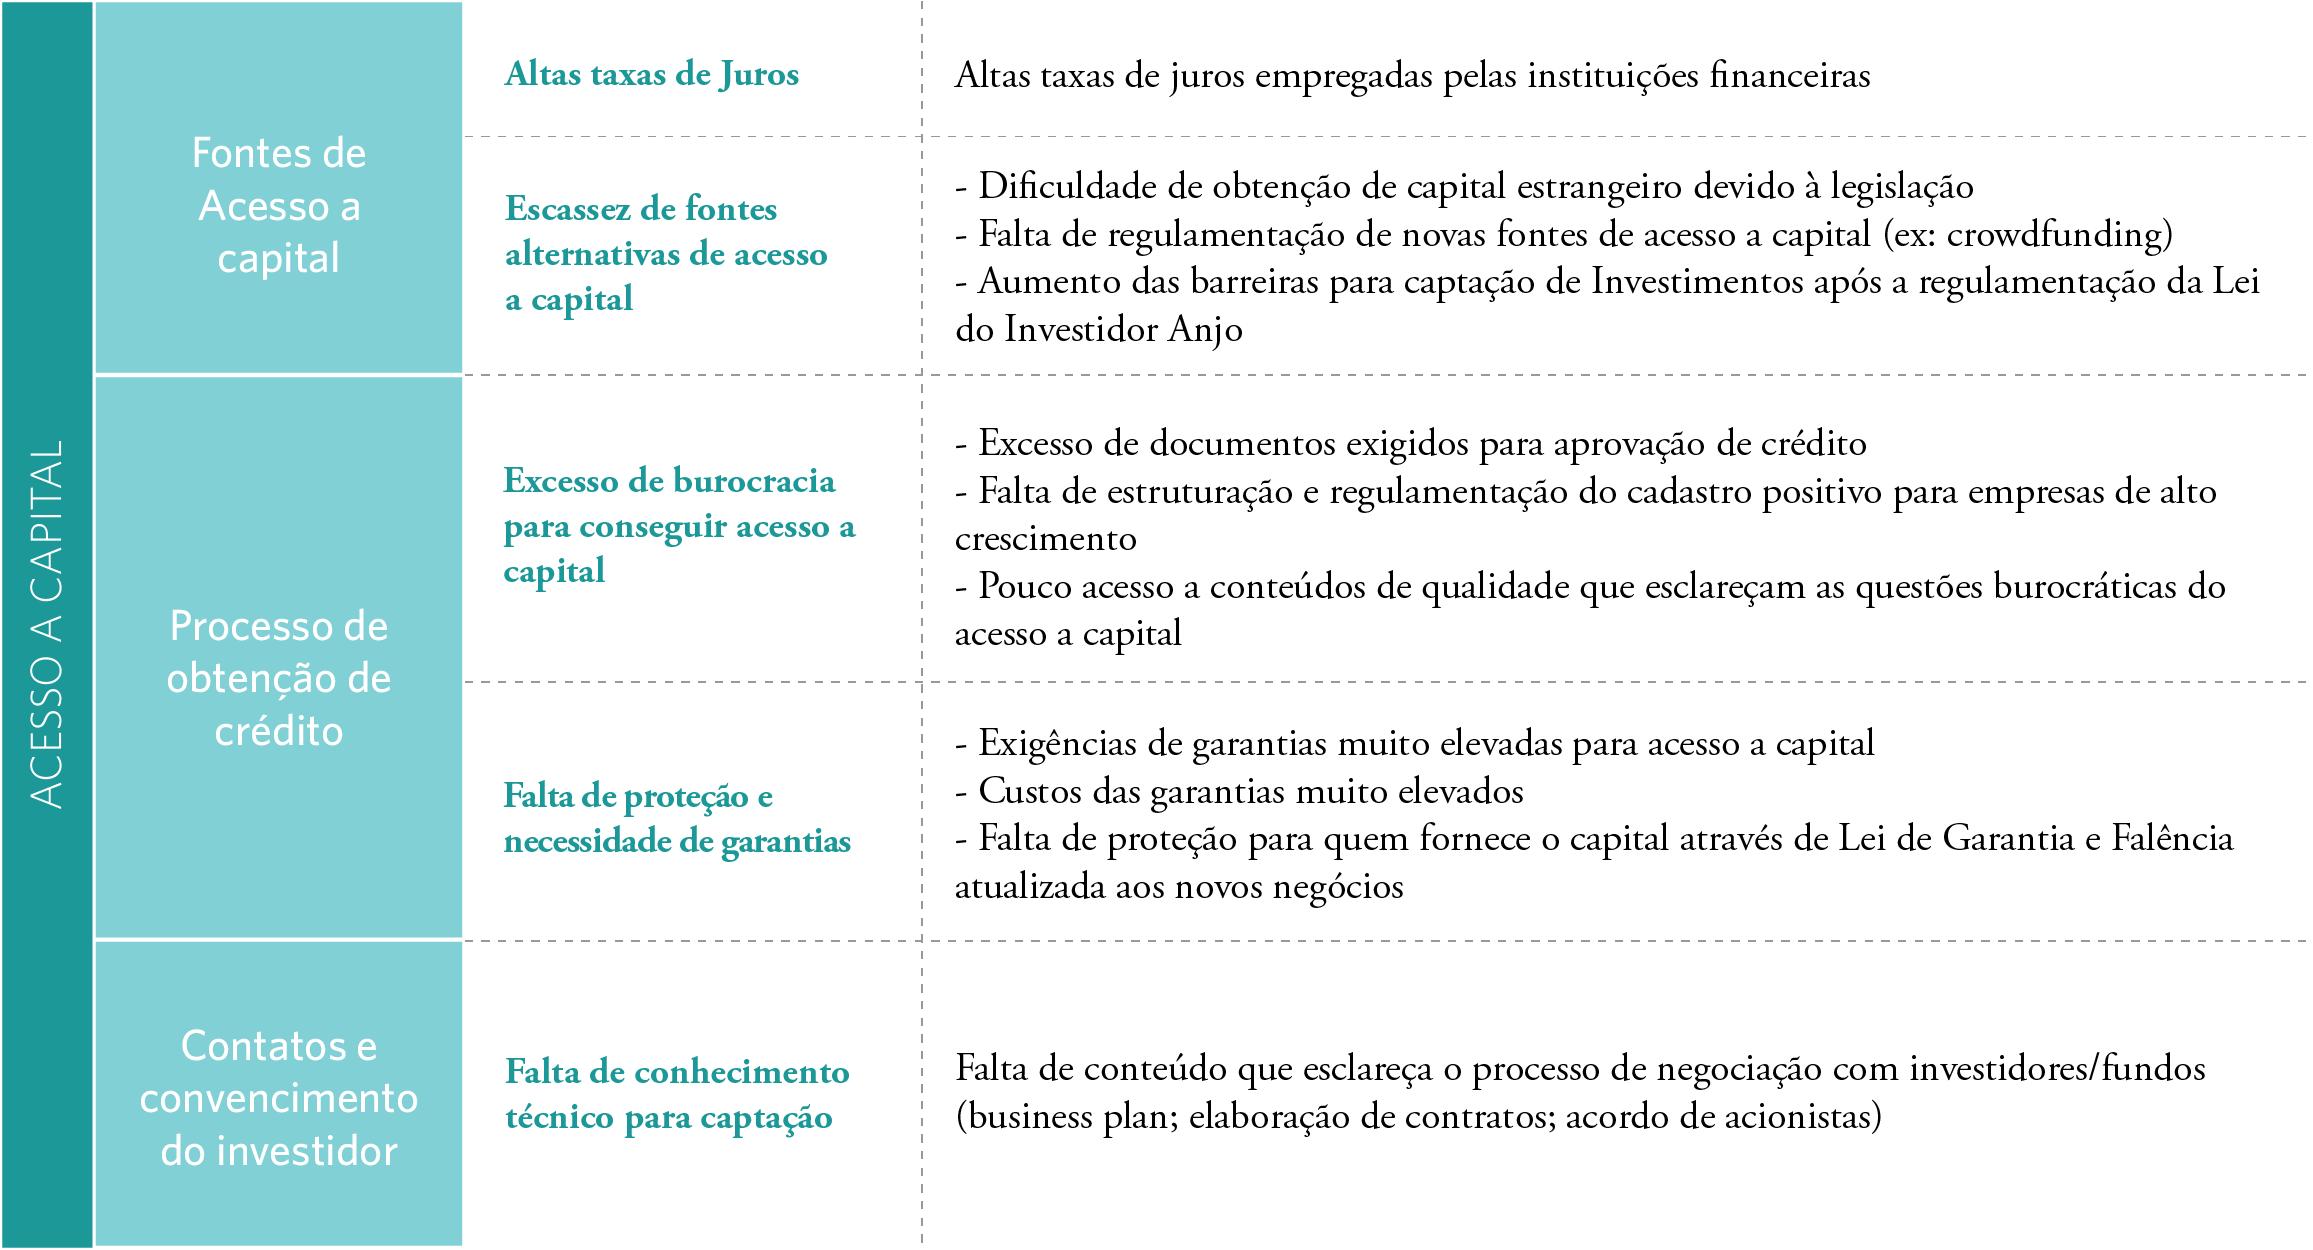 Acesso-a-Cr%C3%A9dito-no-Brasil-capital-existe-s%C3%B3-%C3%A9-dif%C3%ADcil-captar-4